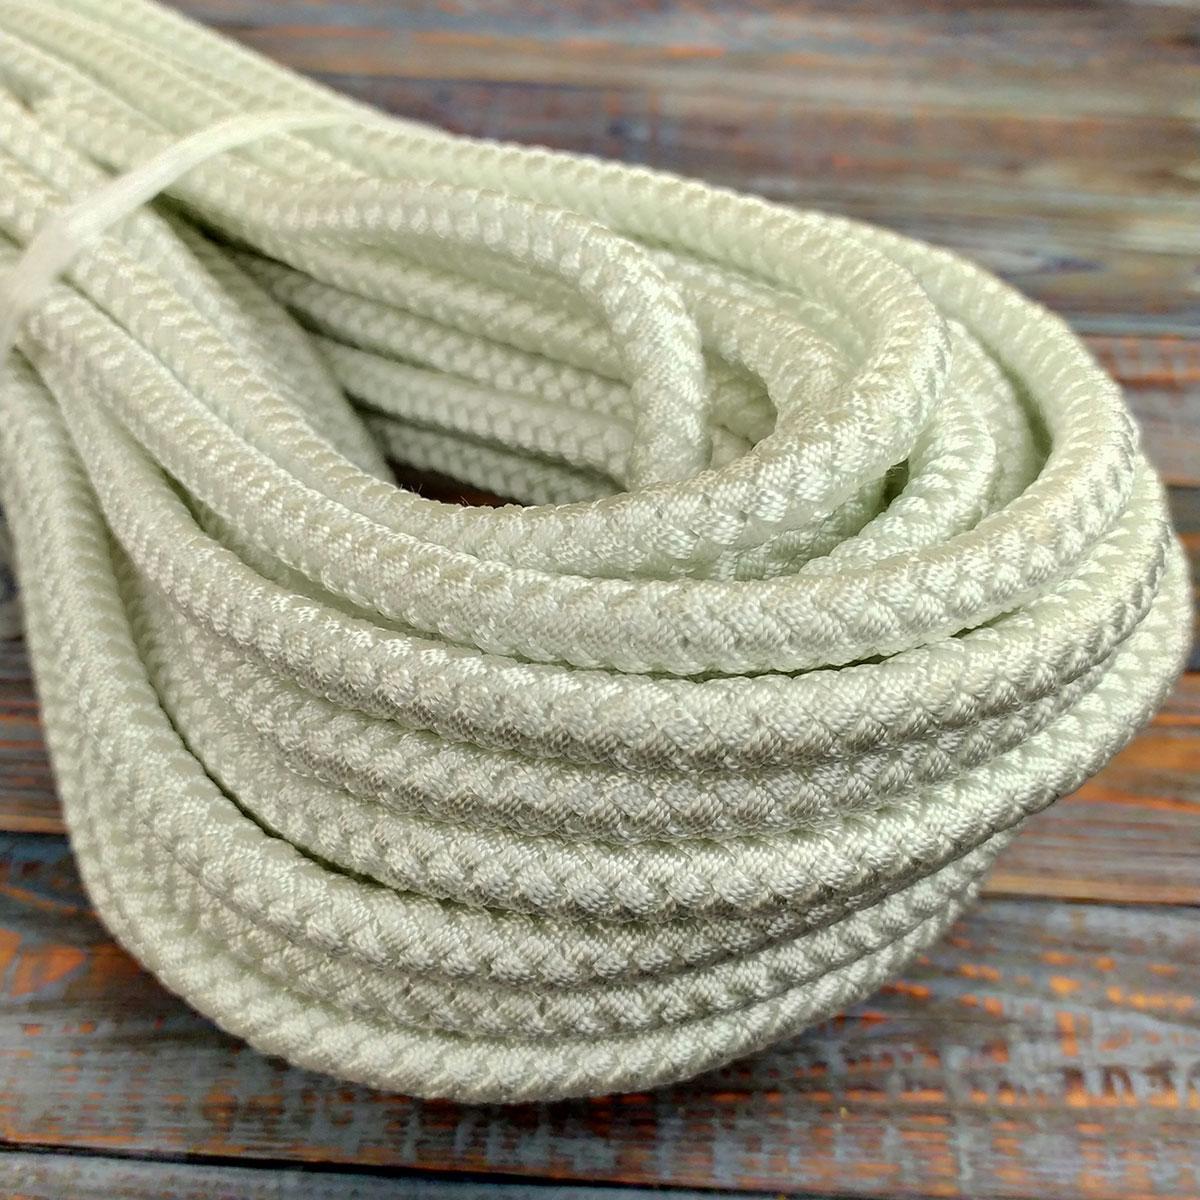 14мм - 100м  - 2100кг Белорусская капроновая плетеная  веревка ПА+ПЕ со сроком службы до 50лет